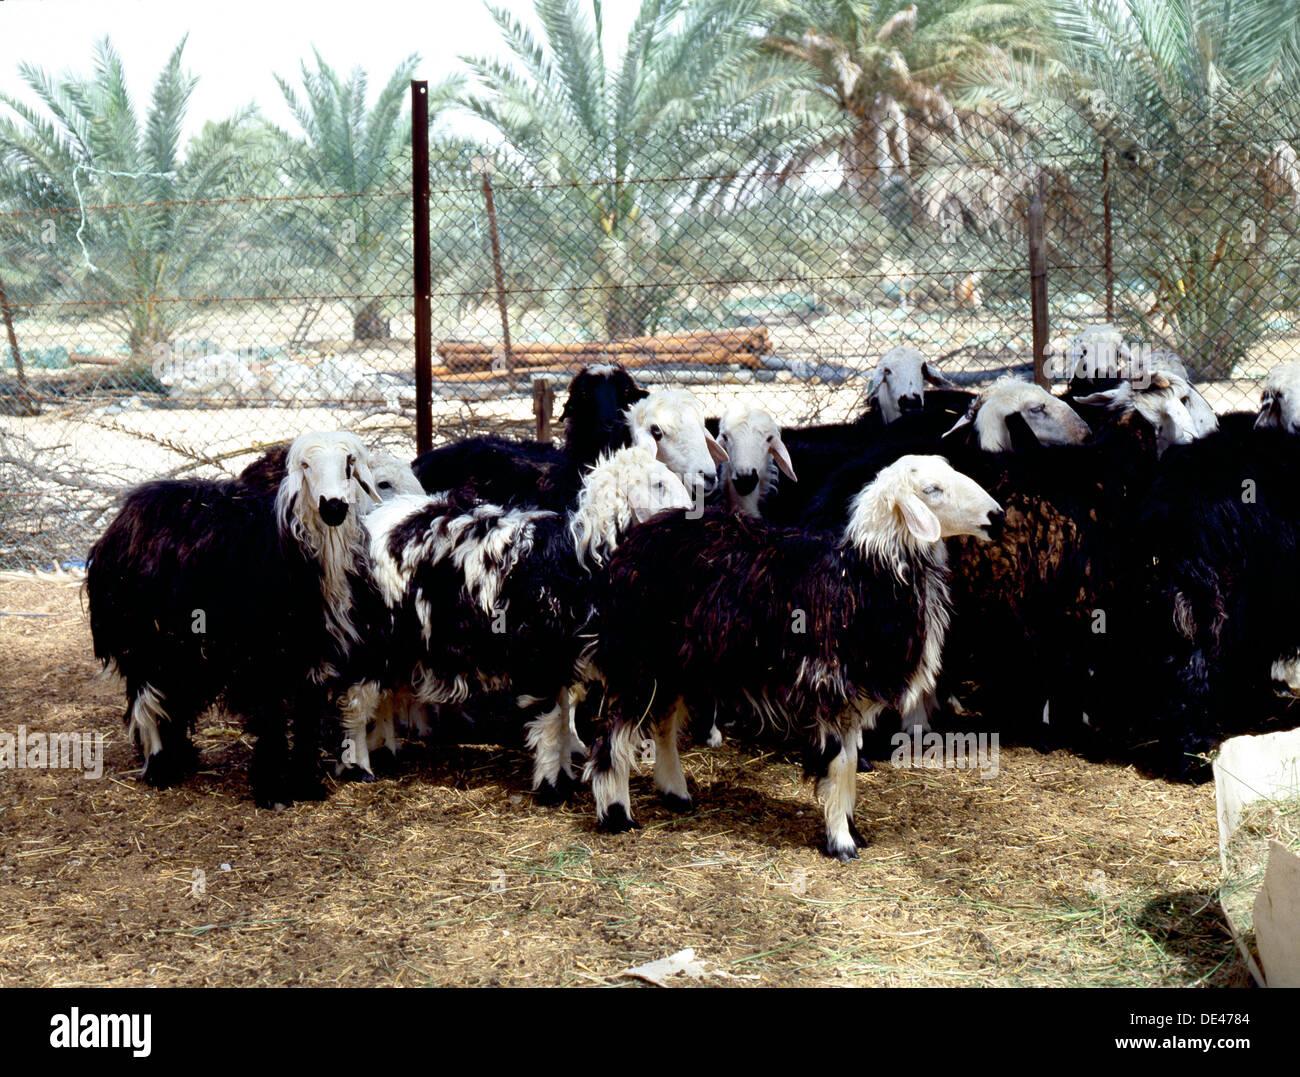 Sheep photographed on Sir Bani Yas Island. - Stock Image